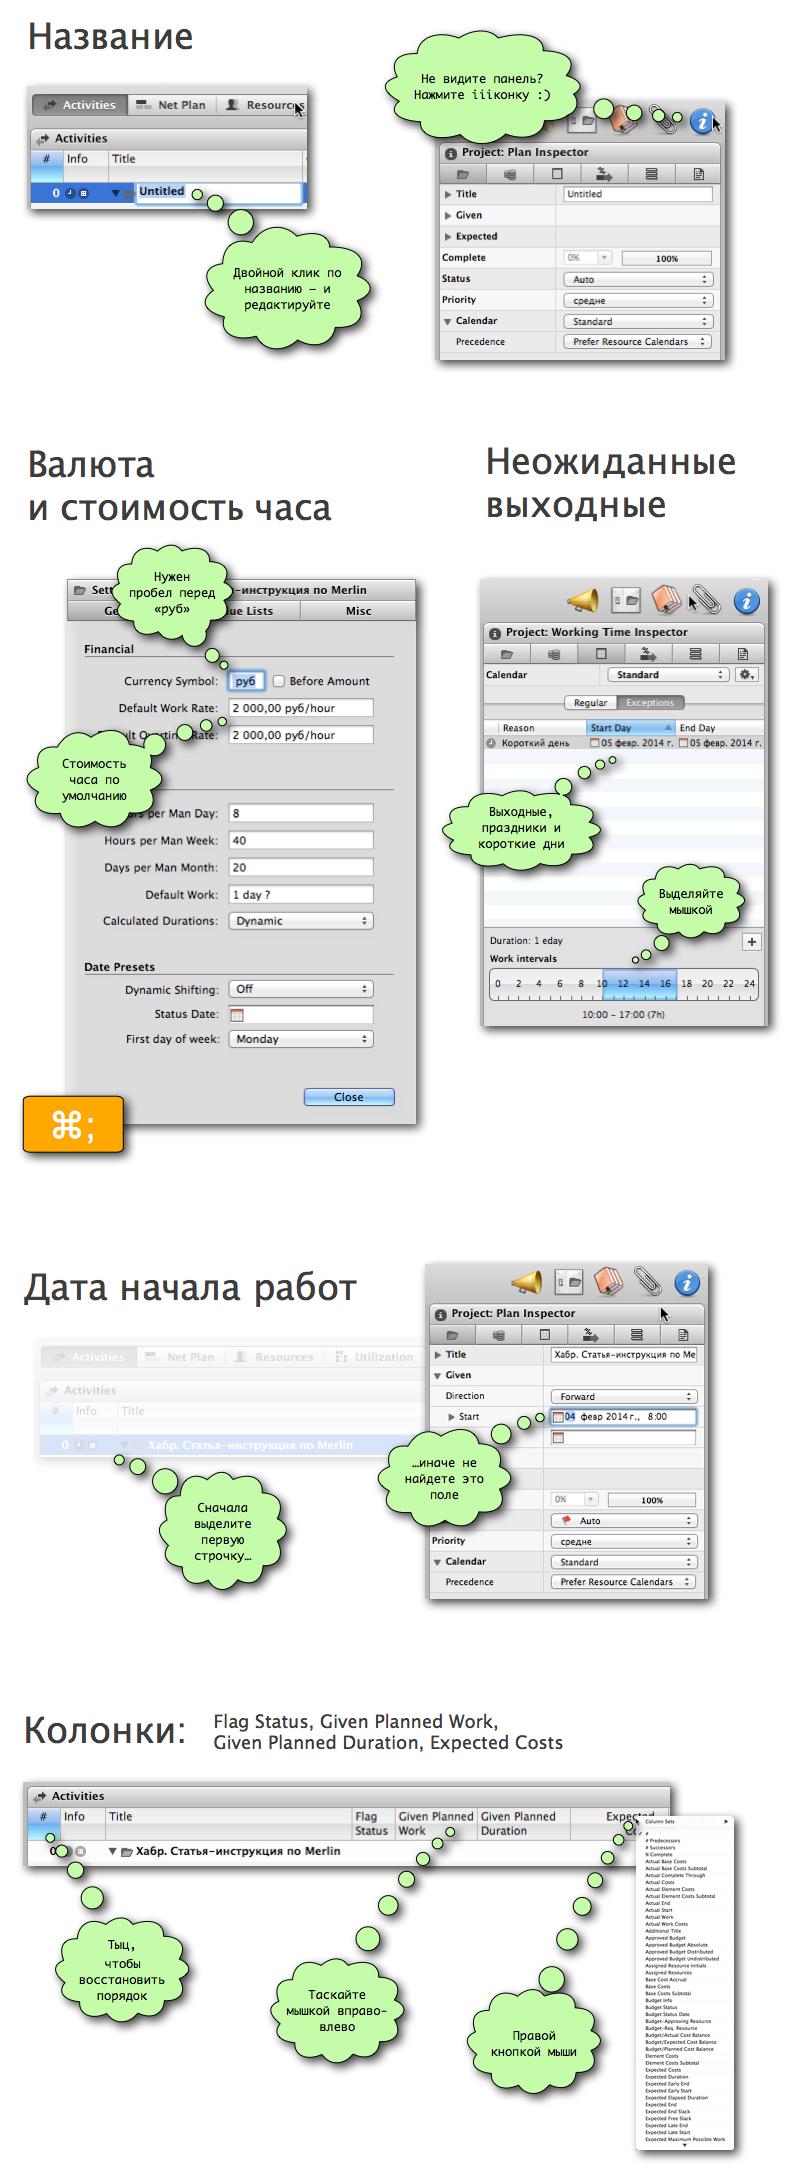 Как составить план бюджет проекта в Merlin (Mac OS)